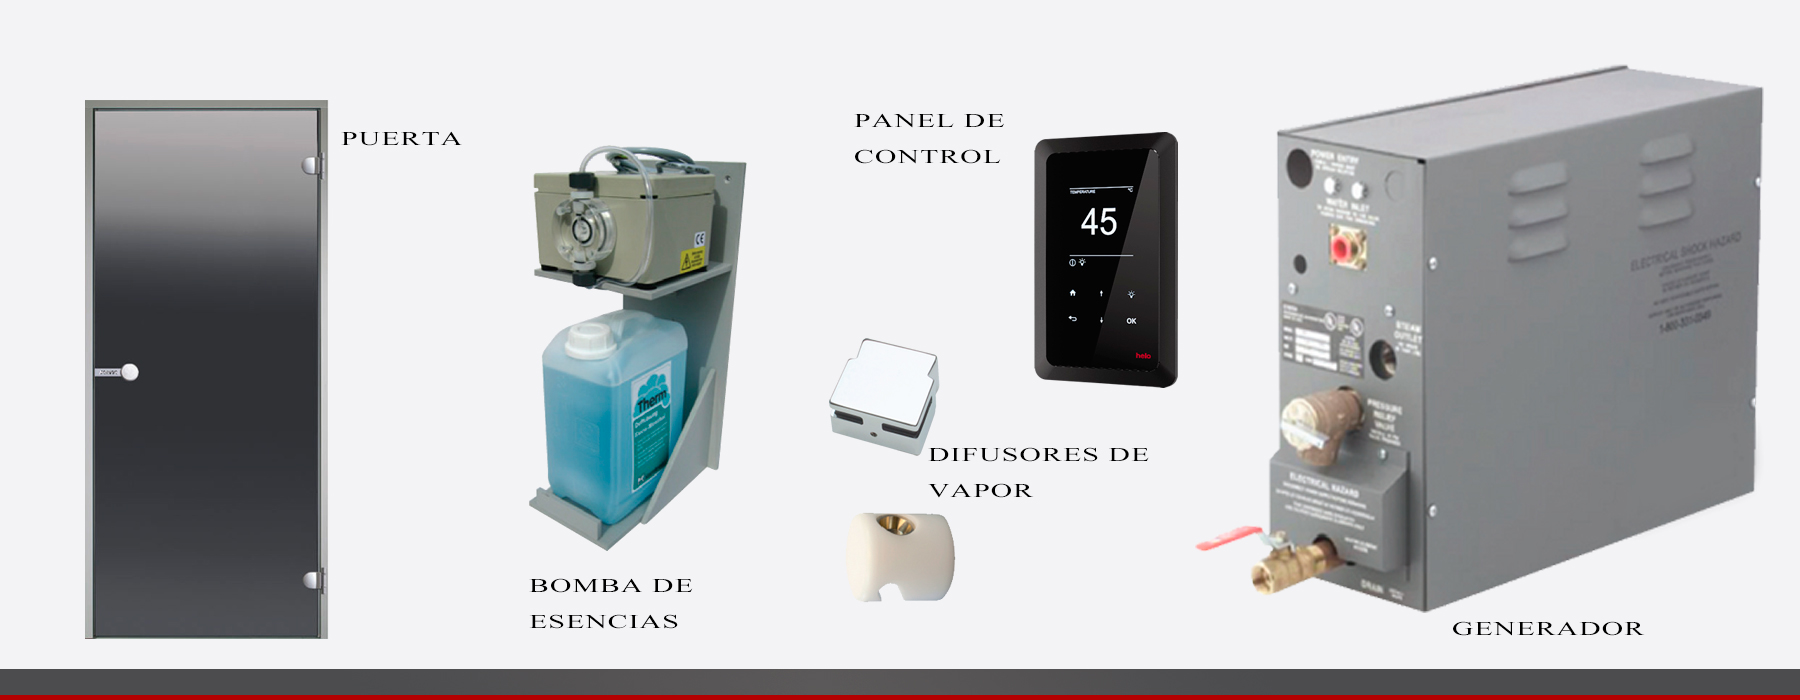 Baño Turco Funcionamiento:Generadores de Vapor